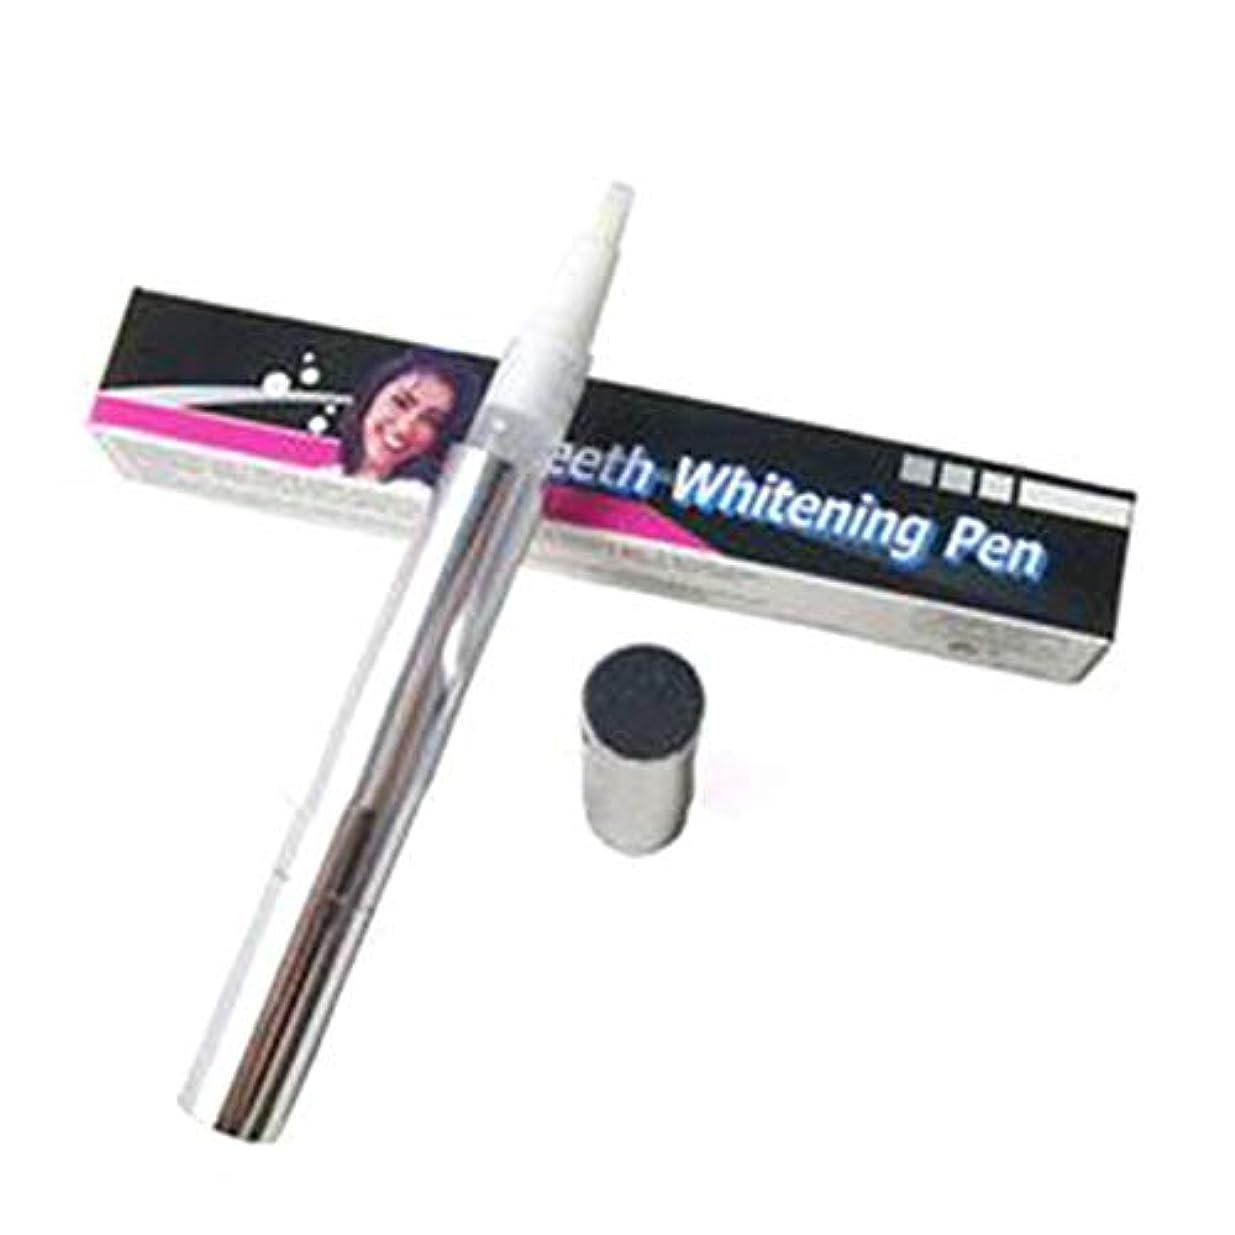 忍耐服を着るアジャペンホワイトニングペン強力な汚れ消しゴム除去速い漂白歯ジェルホワイトナー歯科口腔衛生用品 - シルバー